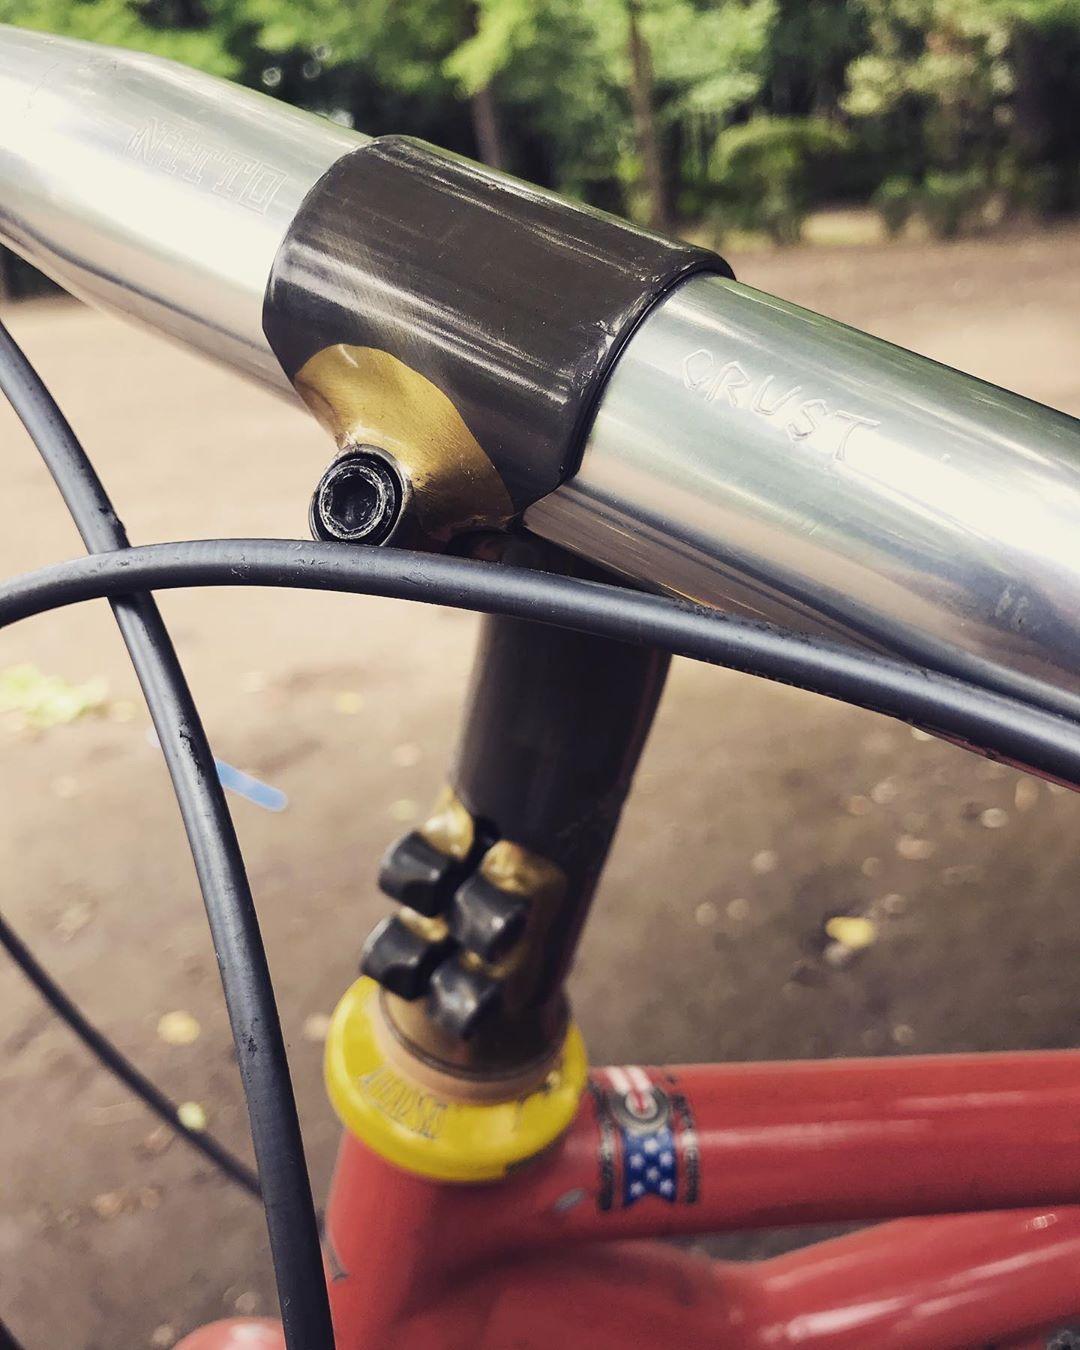 Crustbikes Nitto Ldステム シャカバーでご近所ふらふらしました 昔のmtbはヘッドチューブが短めだったりするので ドロップで乗るとハンドル位置が結構下がりがち そういう時は角度がついたステムを使うのです Cool Stuff Ingenious Rider